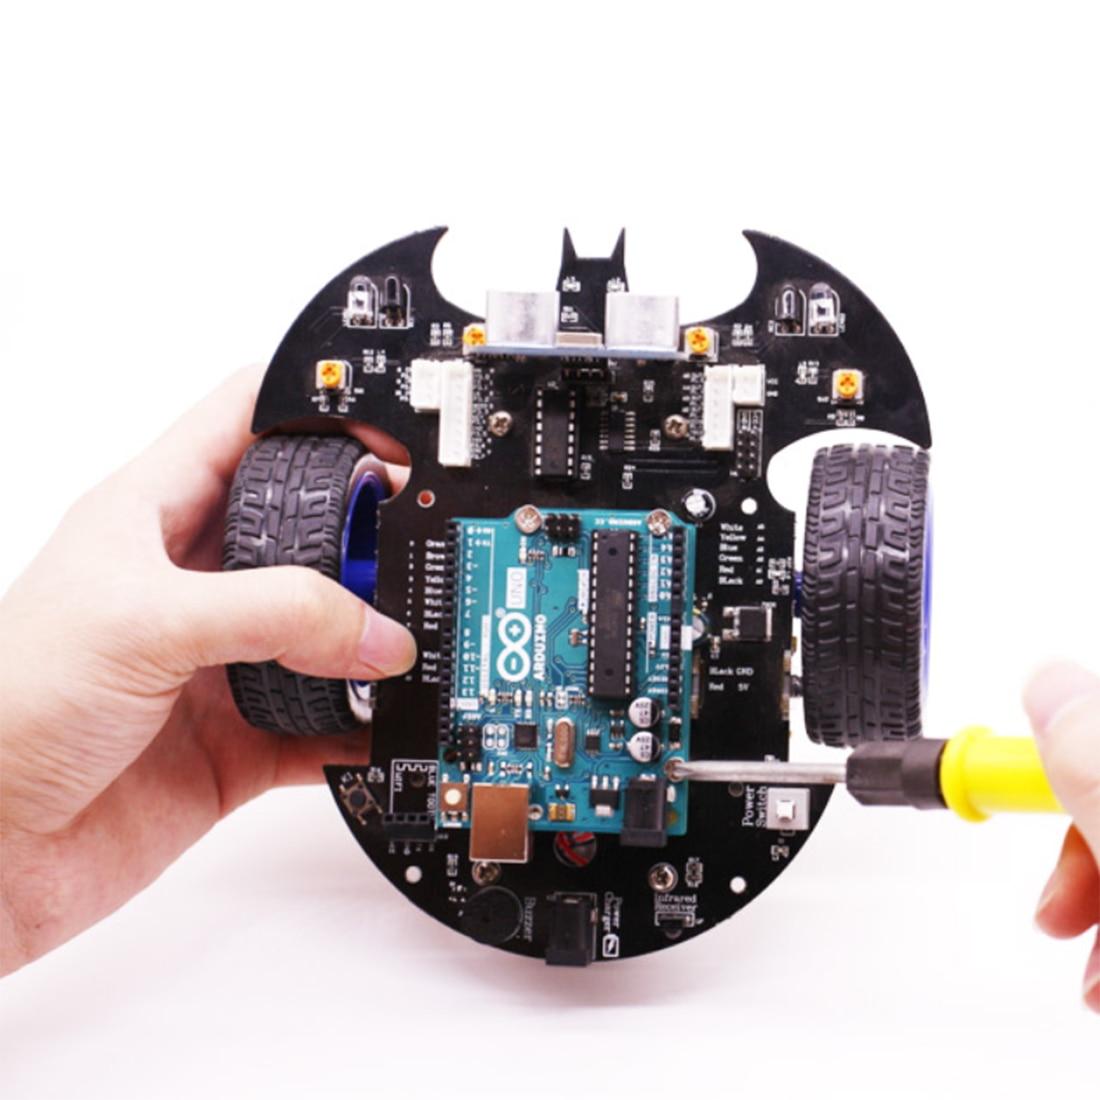 Kit de vapeur modèle de démarreur de voiture Robot intelligent Bat avec tutoriel jouet de tige électronique éducatif pour Arduino comprend carte mère R3 - 6